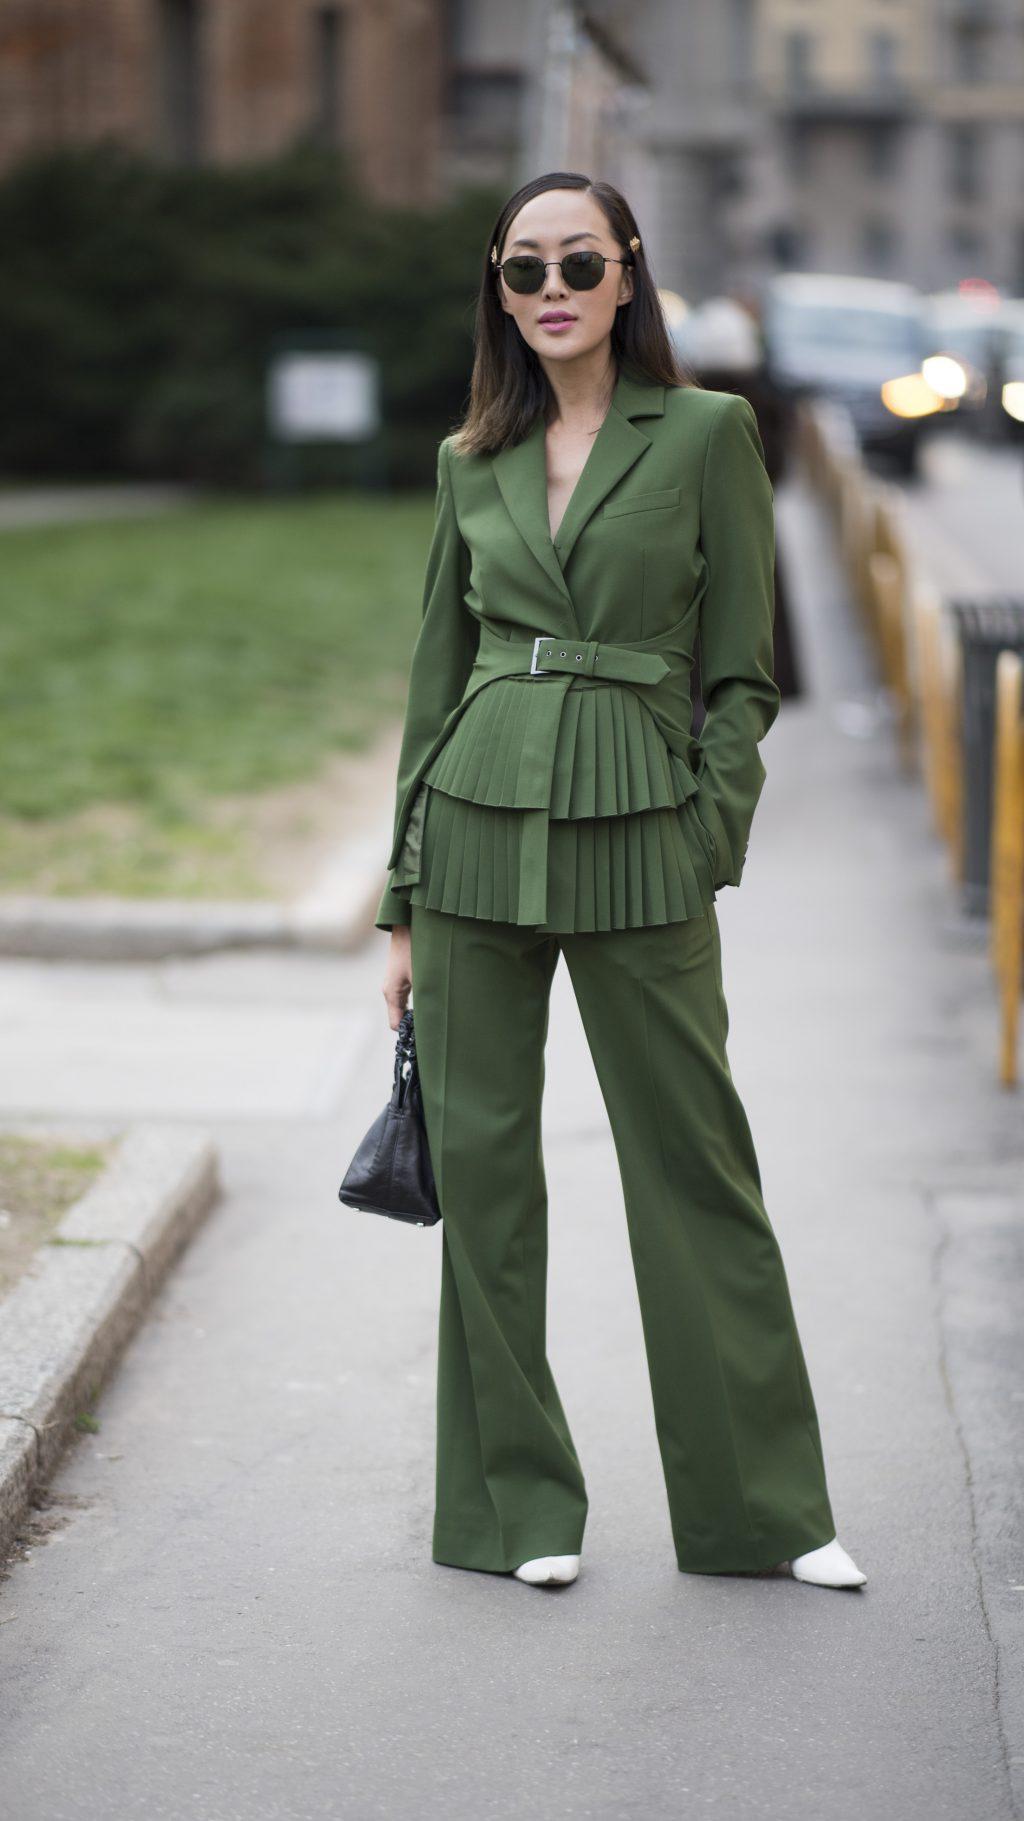 chriselle lim mặc âu phục màu xanh lá